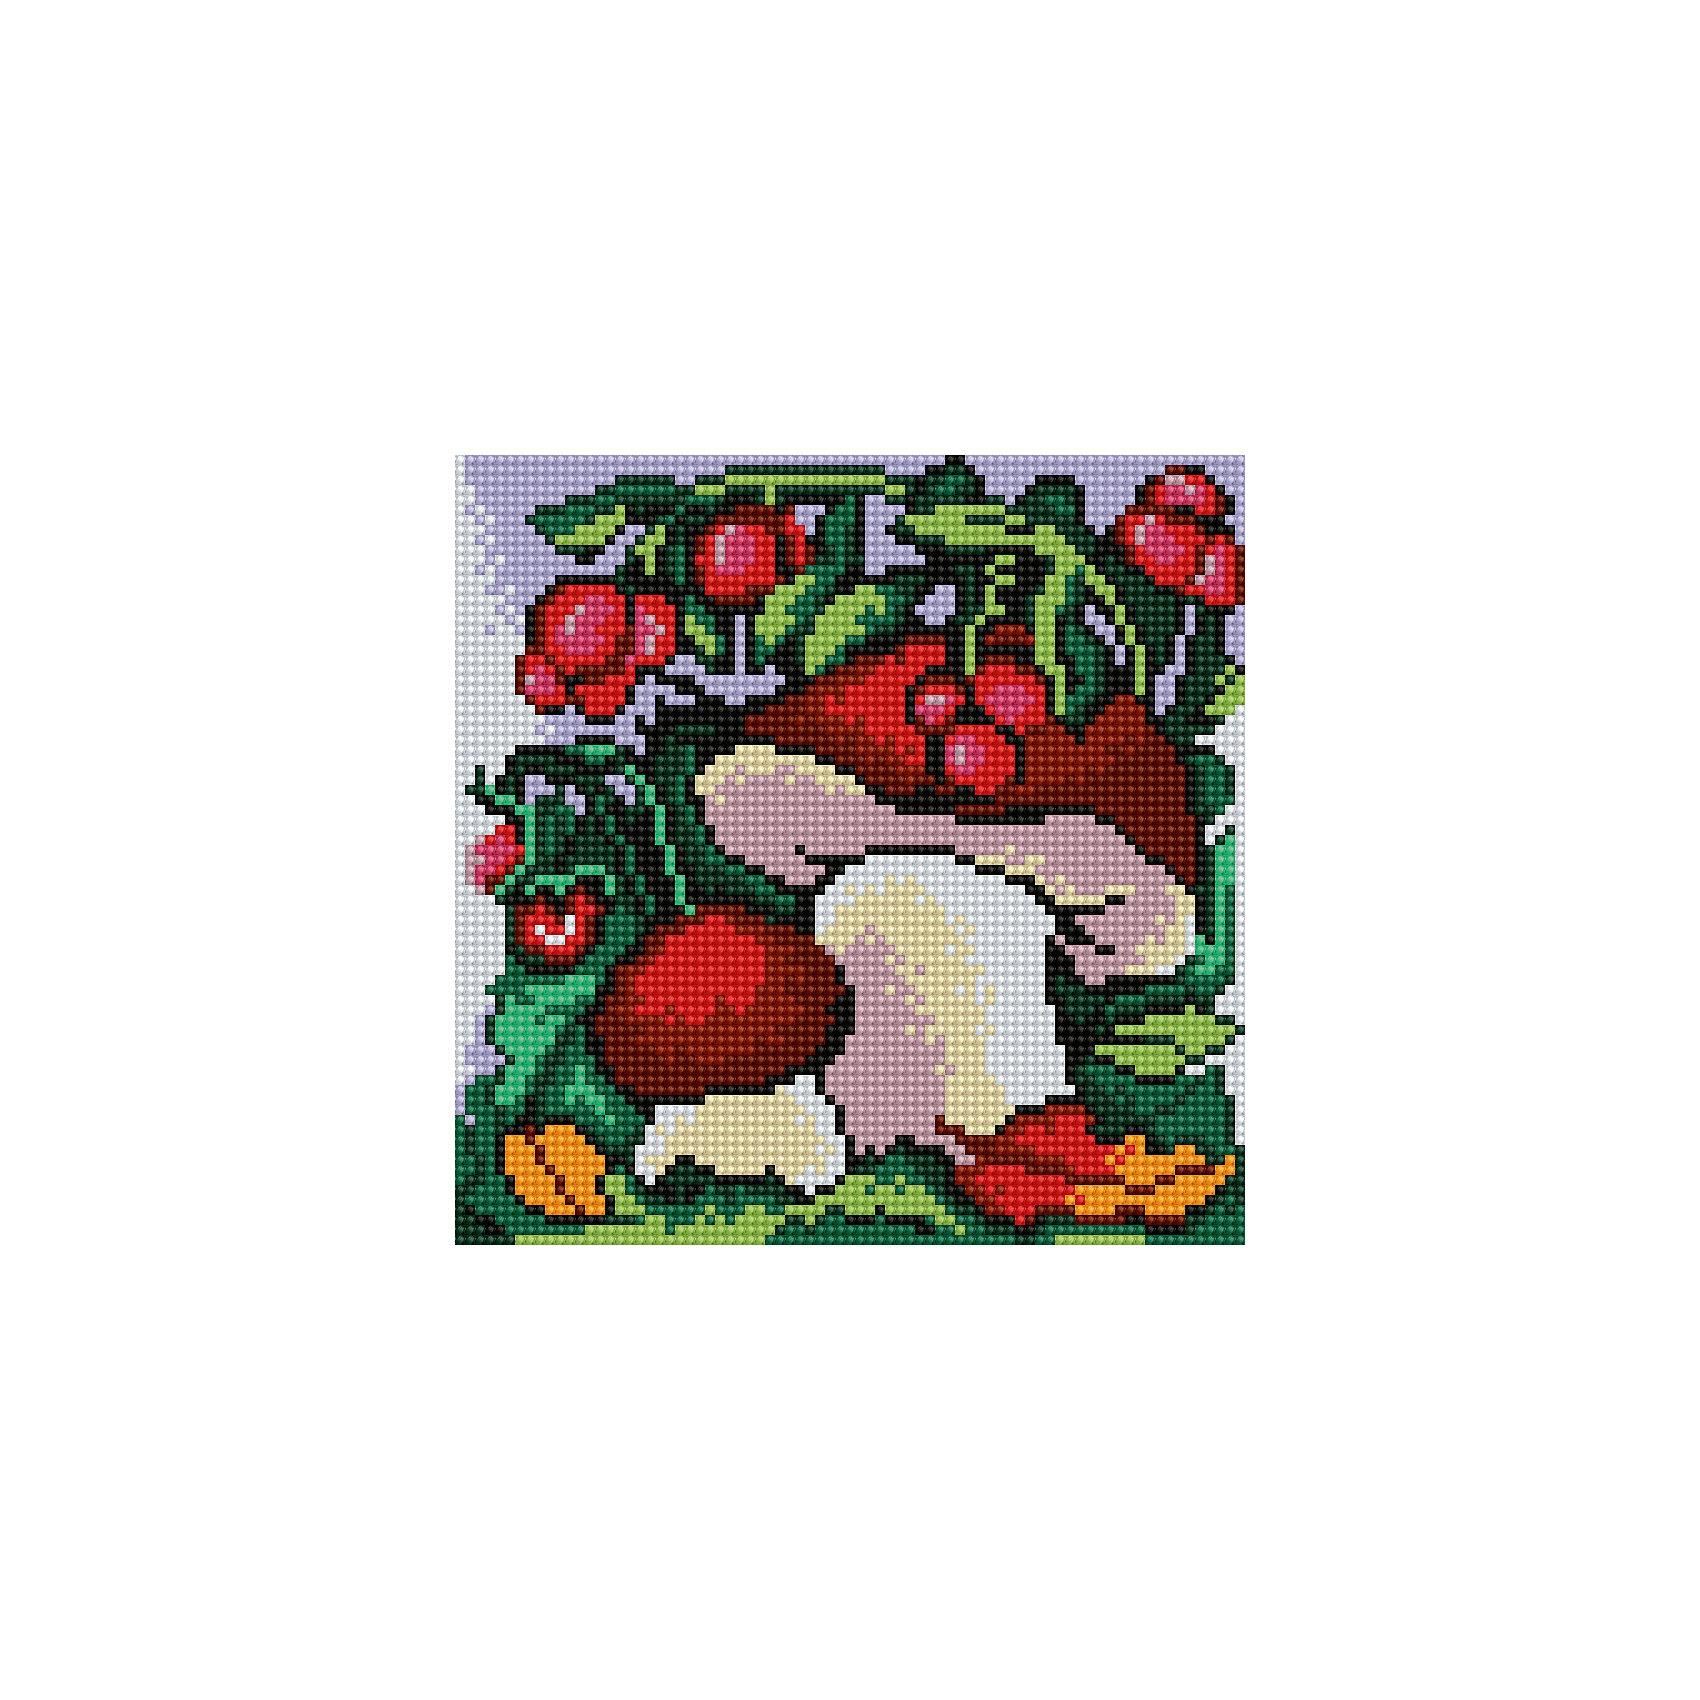 Алмазная мозаика по номерами Грибы 20*20 смПоследняя цена<br>Алмазная мозаика по номерами Грибы 20х20 см.<br><br>Характеристика:<br><br>• Материал: пластик, картон.  <br>• Размер упаковки: 22х22х3 см. <br>• Размер готовой картинки: 20х20 см. <br>• Комплектация: холст на подрамнике, искусственные камни, пинцет, пластмассовый лоток, пластмассовый карандаш для приклеивания, клей.<br>• Развивает мелкую моторику, внимание, усидчивость, цветовосприятие. <br><br>Собирание мозаики - увлекательное занятие, которое обязательно заинтересует детей и поможет развить мелкую моторику, внимание, цветовосприятие и пространственное мышление. Яркую переливающуюся картину ваш ребенок сможет сделать самостоятельно: нужно лишь наклеить цветные камушки на картонную основу с уже нанесенным контурным рисунком. <br>Набор для творчества Алмазная мозаика по номерам полезный и всегда желанный подарок на любой праздник! <br><br>Алмазную мозаику по номерами Грибы 20х20 см, можно купить в нашем интернет-магазине.<br><br>Ширина мм: 220<br>Глубина мм: 220<br>Высота мм: 30<br>Вес г: 900<br>Возраст от месяцев: 96<br>Возраст до месяцев: 2147483647<br>Пол: Женский<br>Возраст: Детский<br>SKU: 5217184